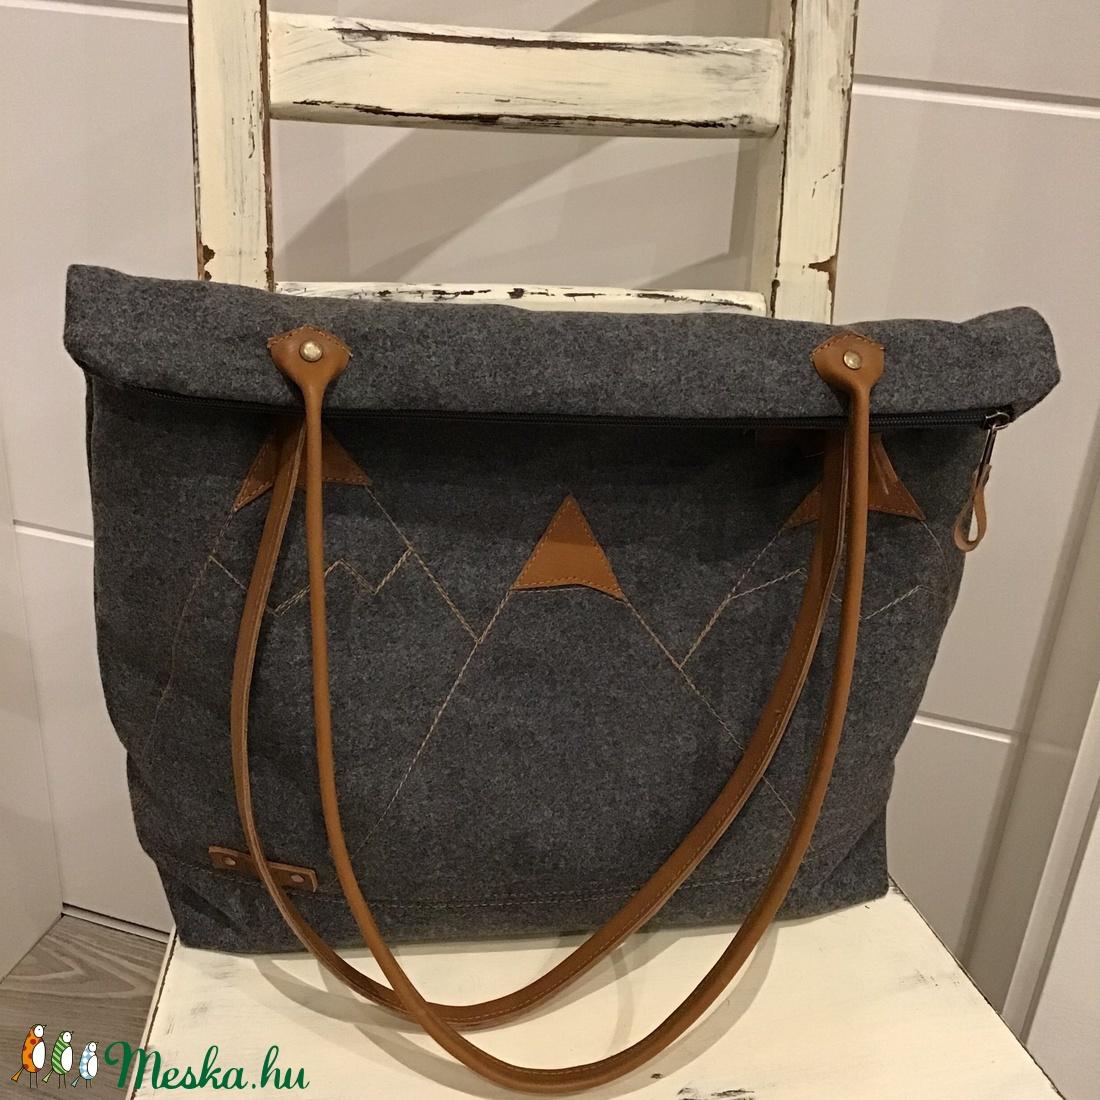 Bőrpántos táska Női táska Nagyméretű táska. pelenkázó táska (BYildi) -  Meska ... 10c85661f7